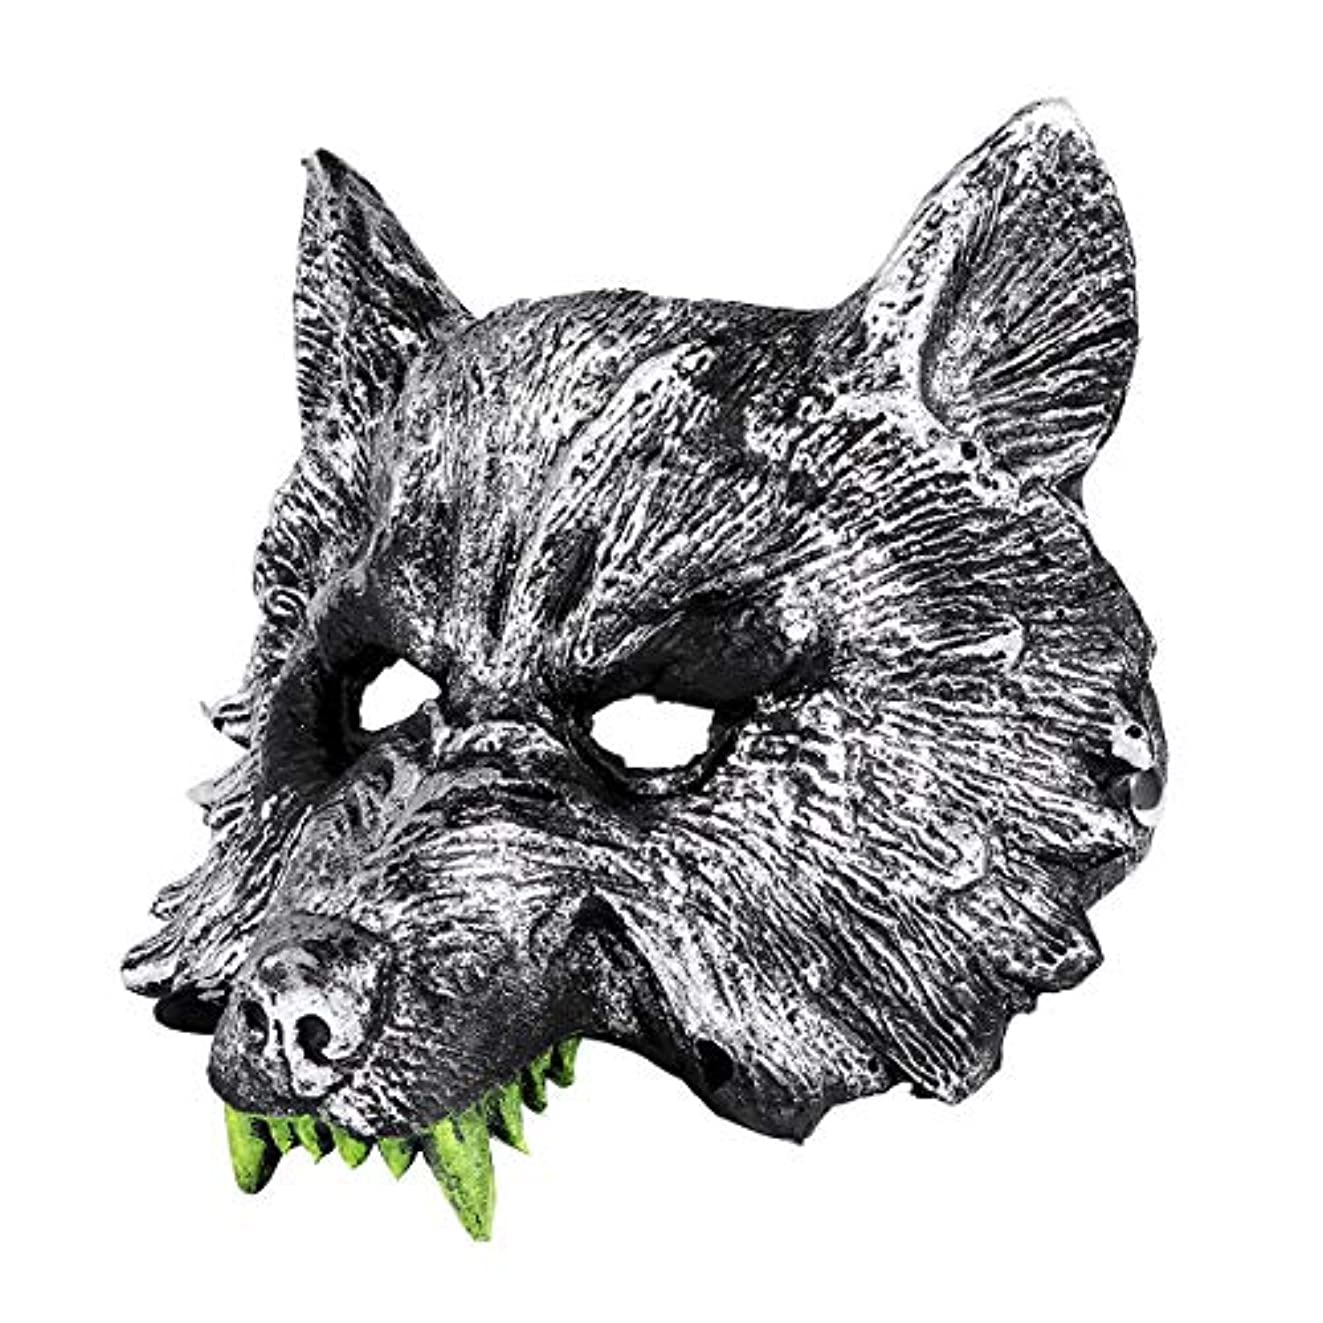 事故スマート策定するコスプレハロウィーン仮装のためのNUOLUX灰色オオカミヘッドマスクファンシードレスパーティー小道具